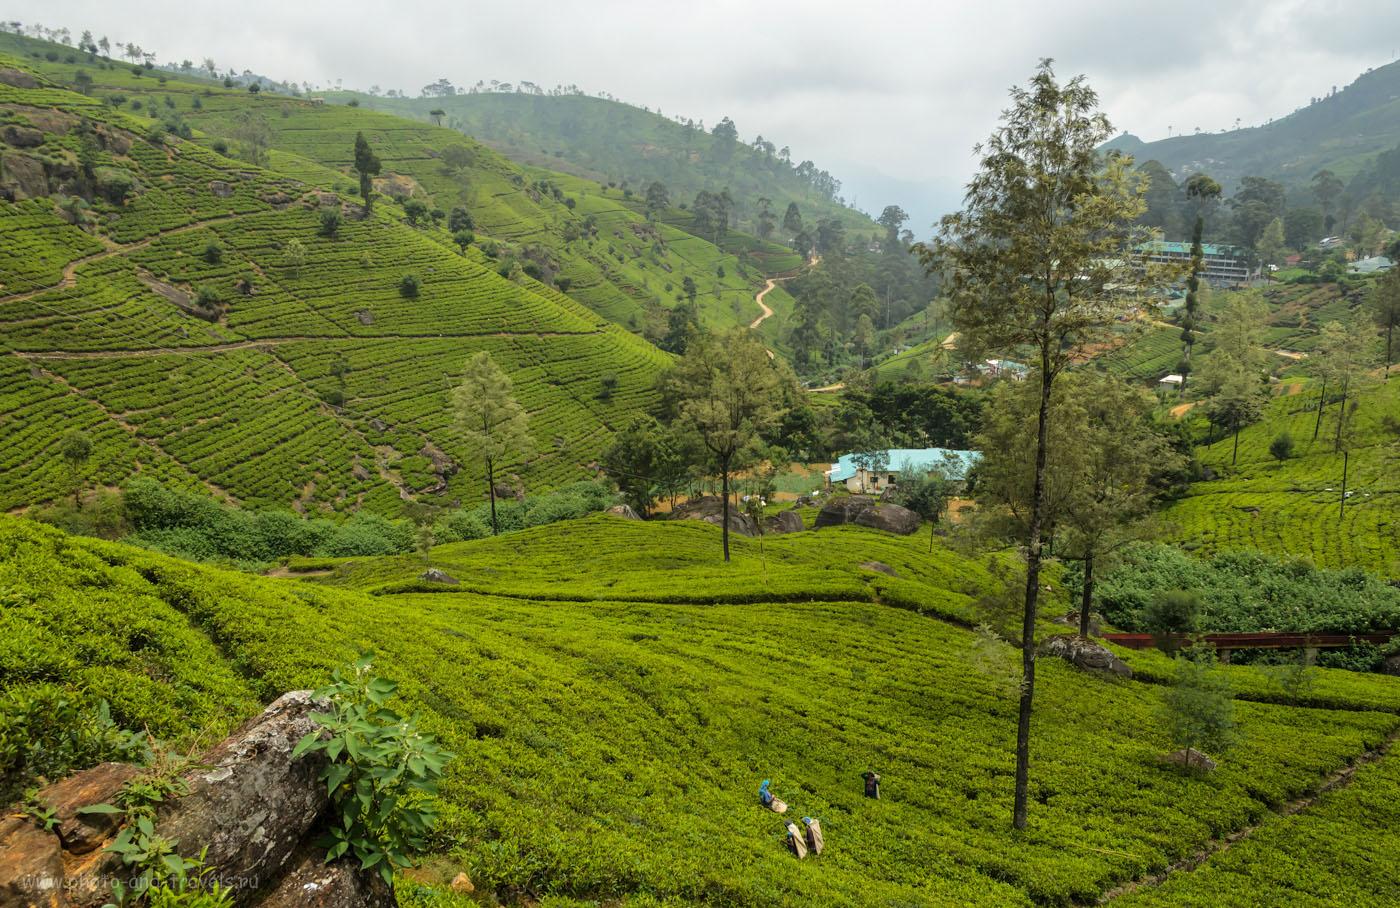 Фотография 4. Чайные плантации, принадлежащие фабрике Mackwoods Labookellie в горах Шри-Ланки. Находится совсем рядом с Нувара Элия. Чтобы добраться на автобусе, сядьте на автостанции в Nuwara Eliya на маршрут, следующий Kandy. Проход на территорию бесплатный! Не поддавайтесь на уловки.